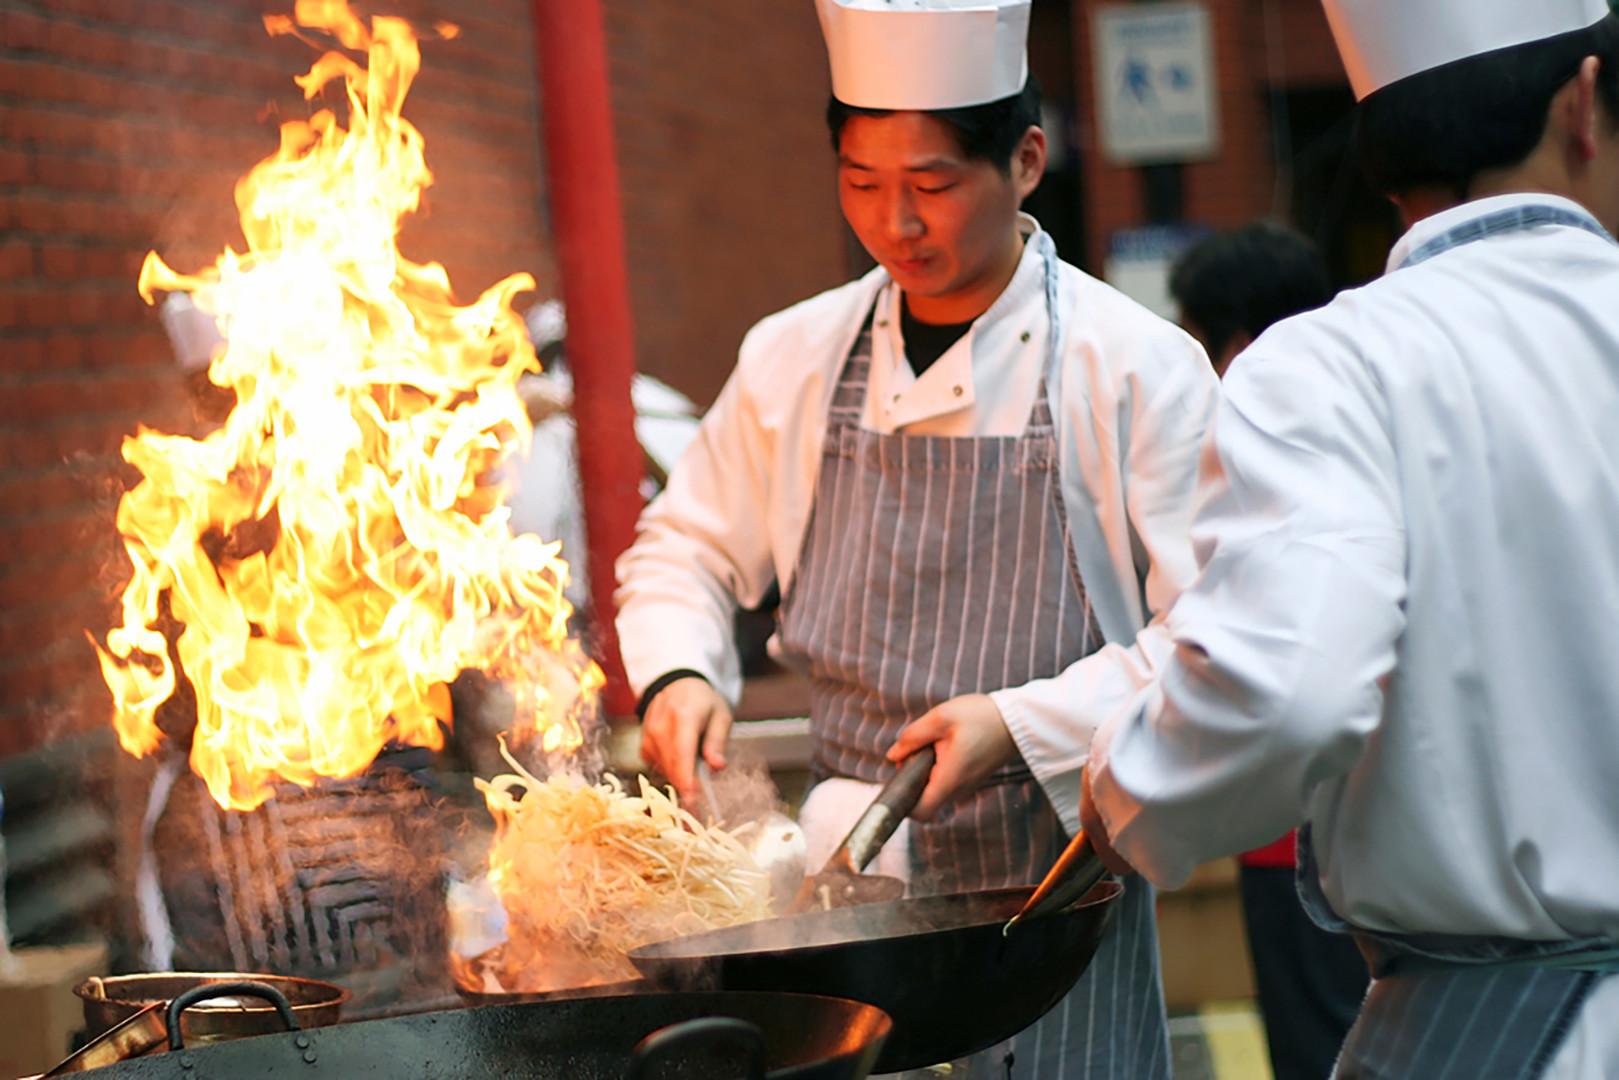 Restaurantes de culinárias nacionais se espalharam por Moscou nos últimos anos